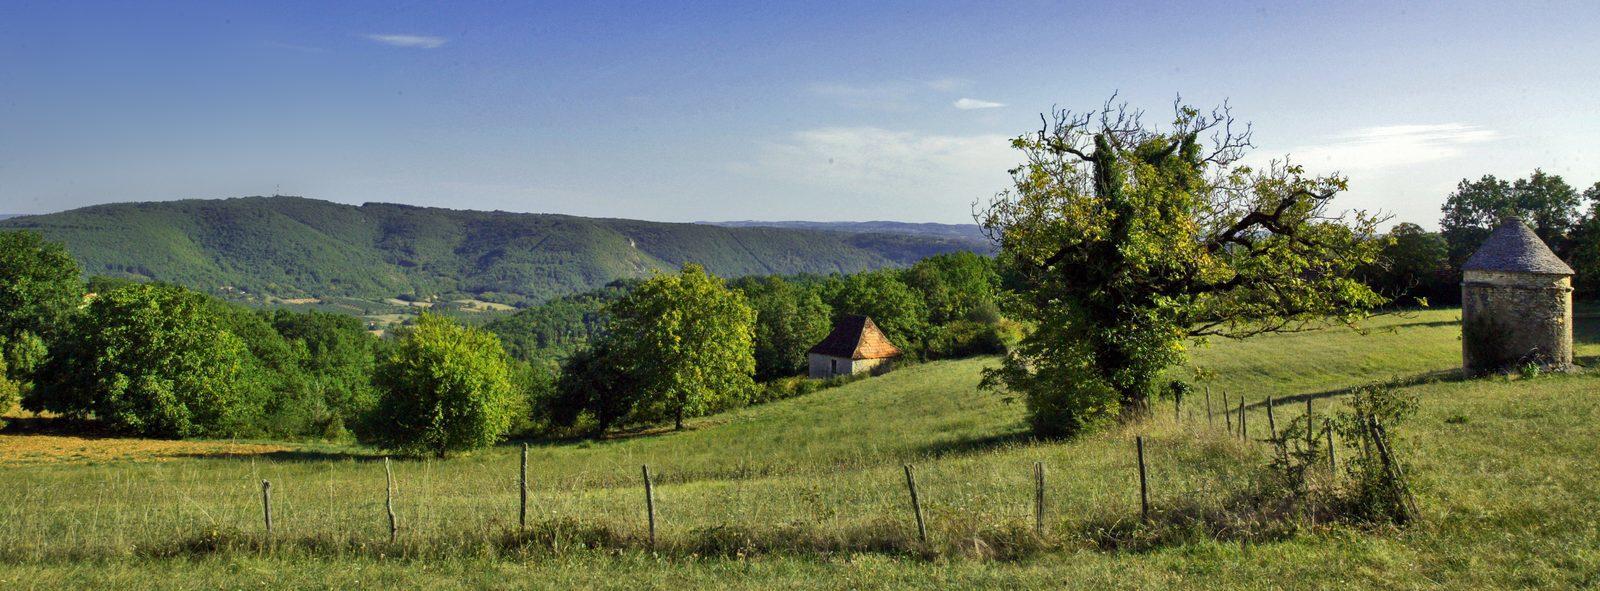 Frankrijk, Dordogne, natuur, vakantie, huisje, luxe, wandelen, fietsen, kindvriendelijk